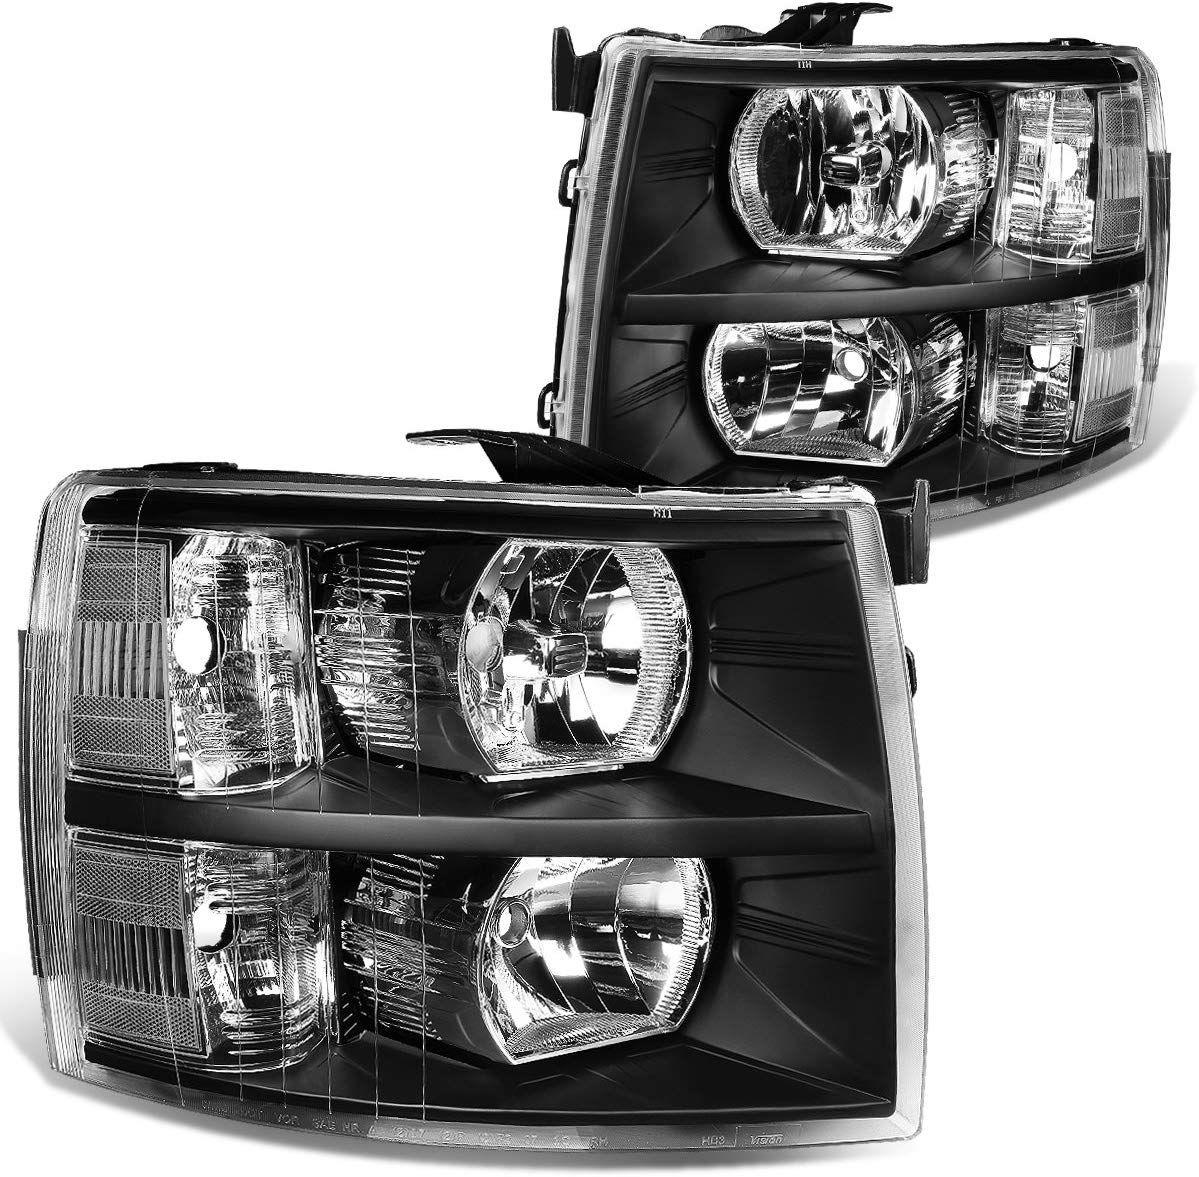 07 14 Chevy Chevrolet Silverado Black Chrome Headlights Chevy Silverado 1500 Silverado 2013 Chevy Silverado